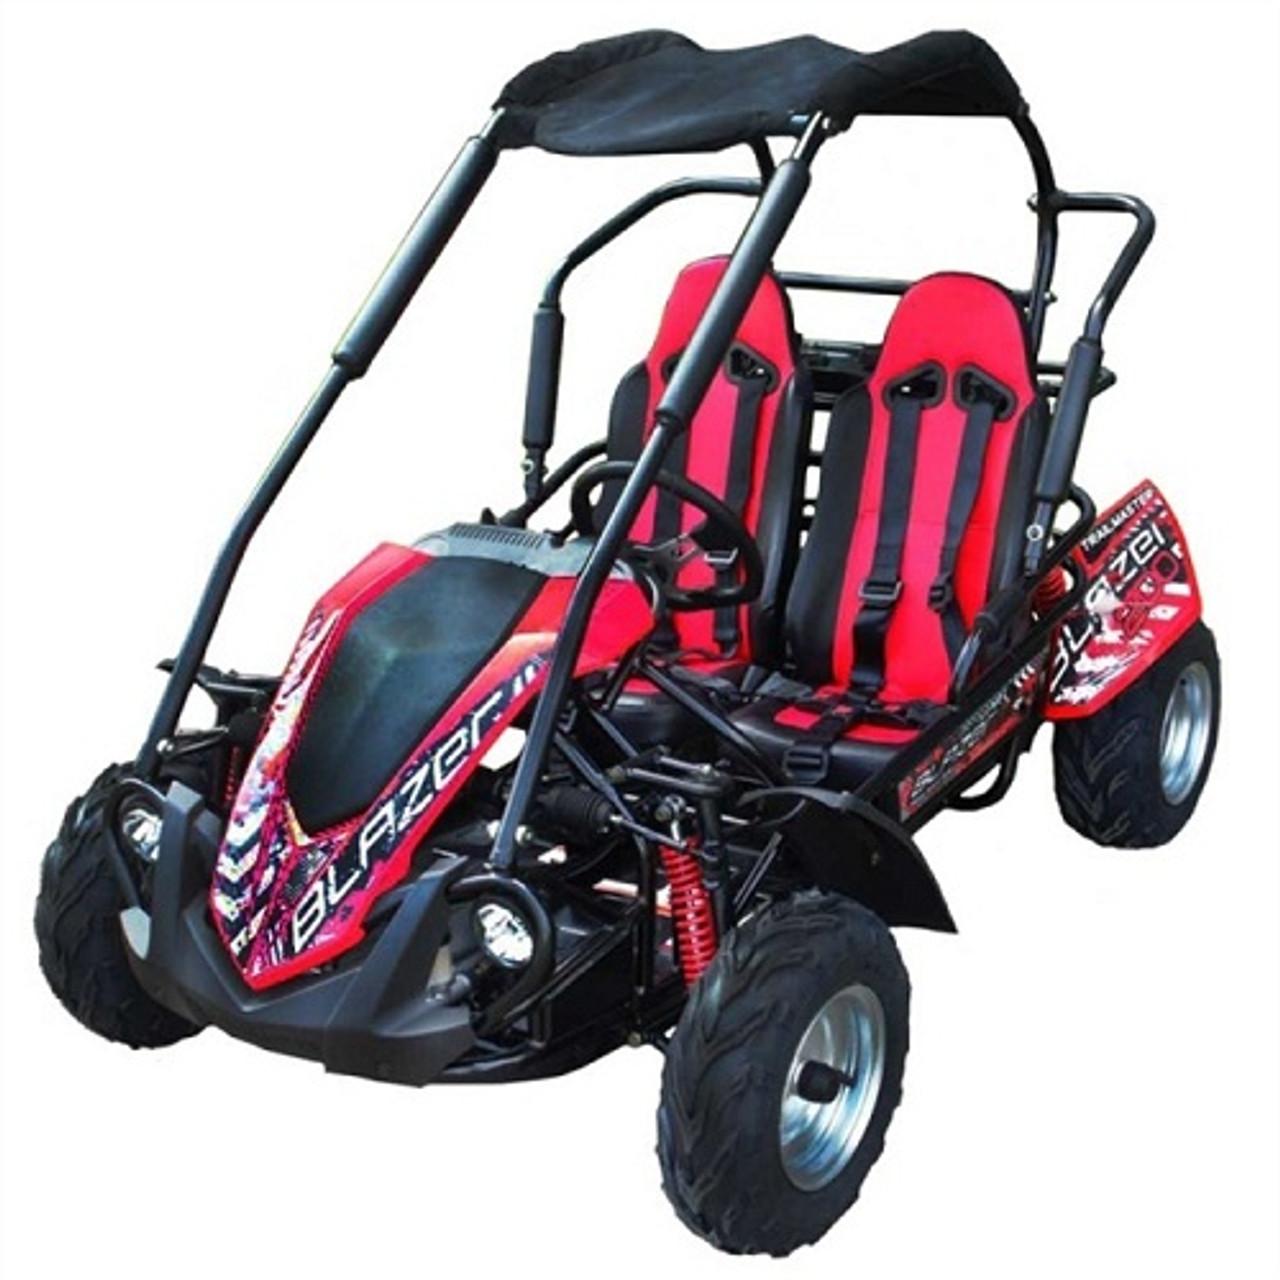 TrailMaster Blazer 200R